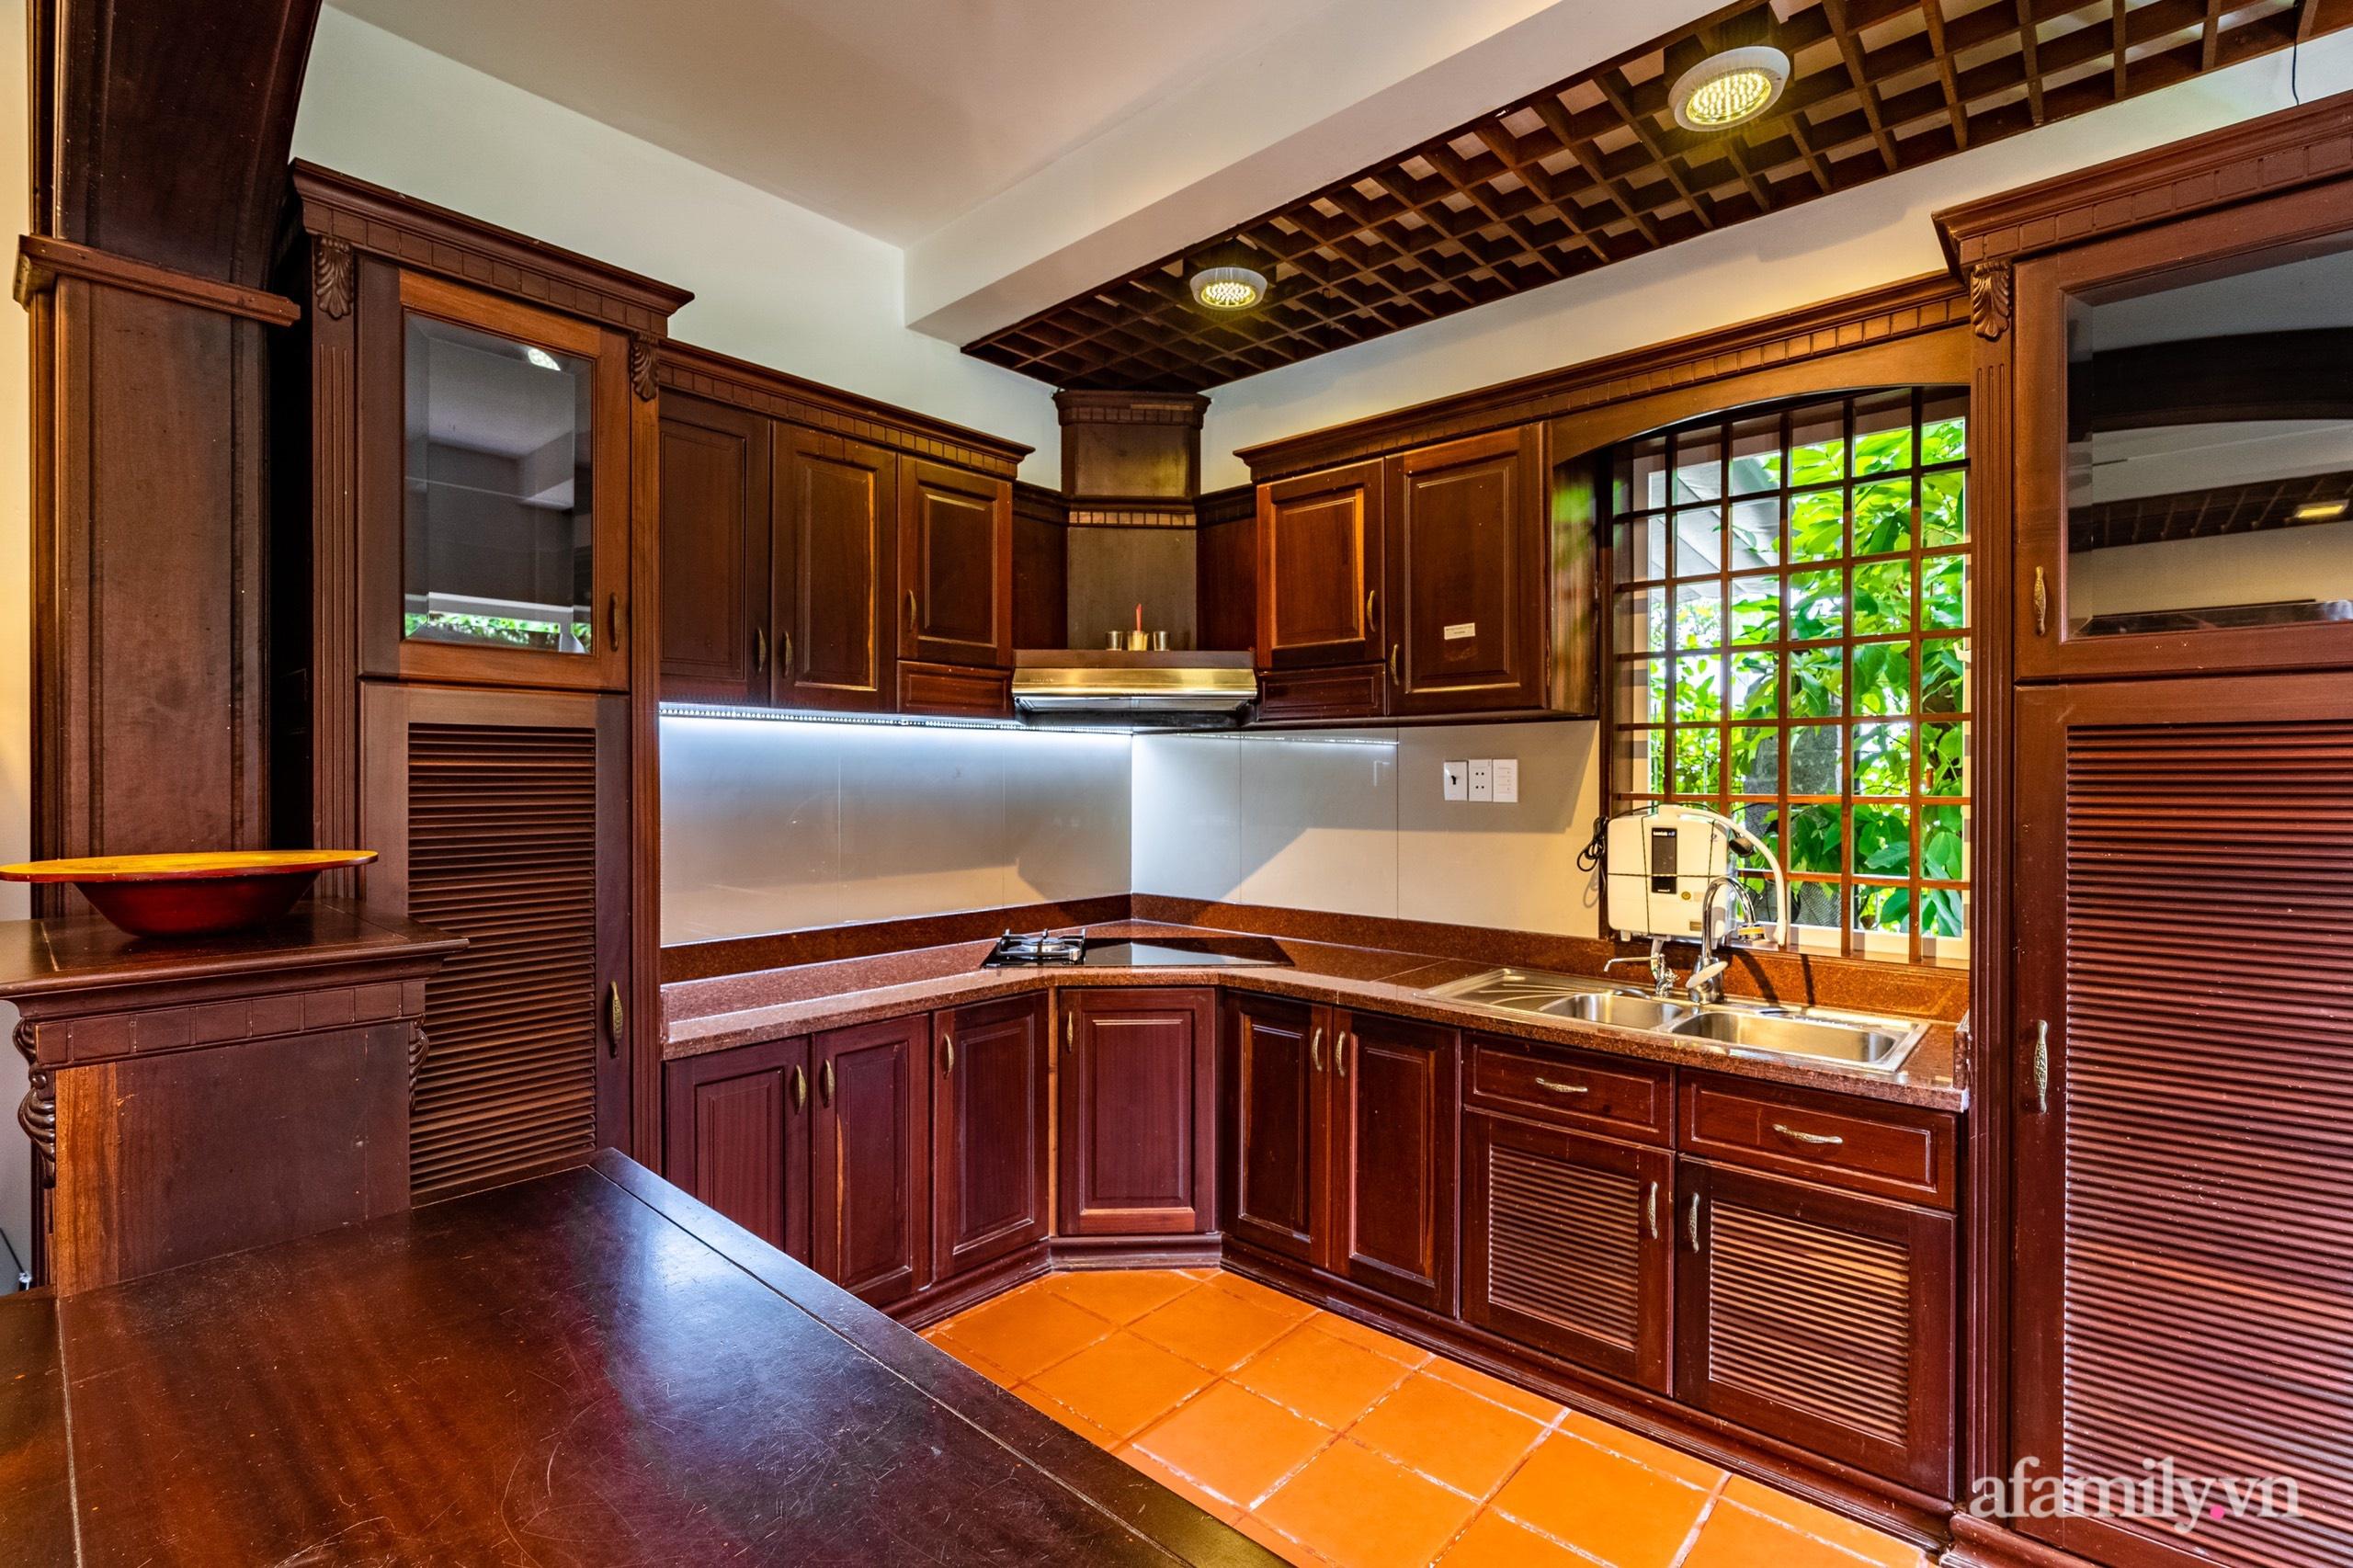 Căn nhà vườn xây 10 năm vẫn đẹp hút mắt với nội thất gỗ và cây xanh quanh nhà ở Nha Trang-12